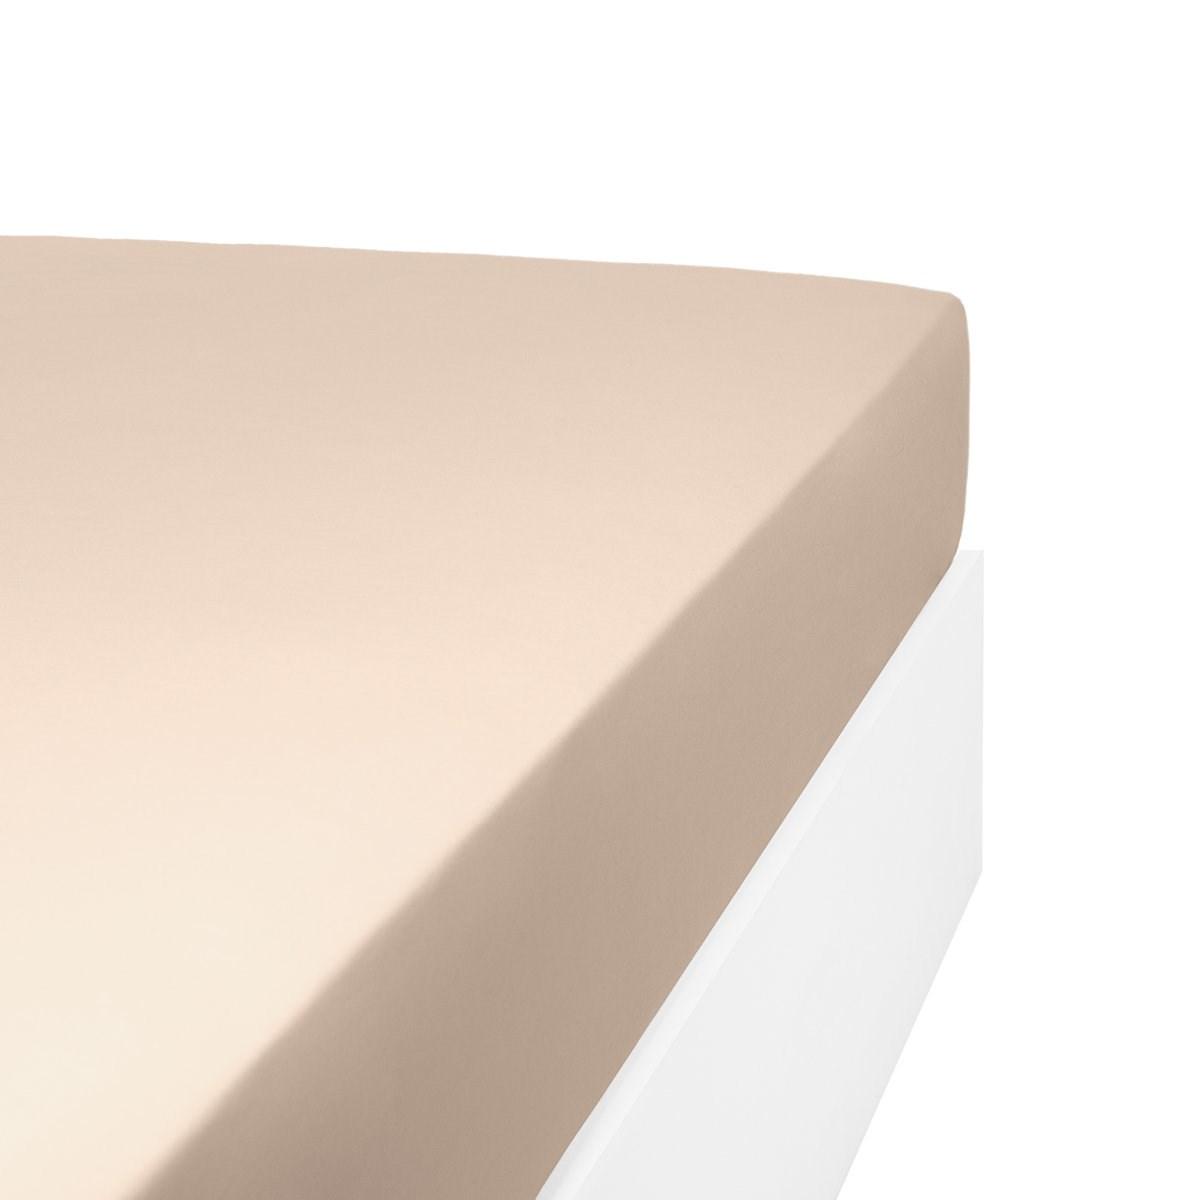 Drap housse uni 200 fils en de coton beige foncé 180x200 cm